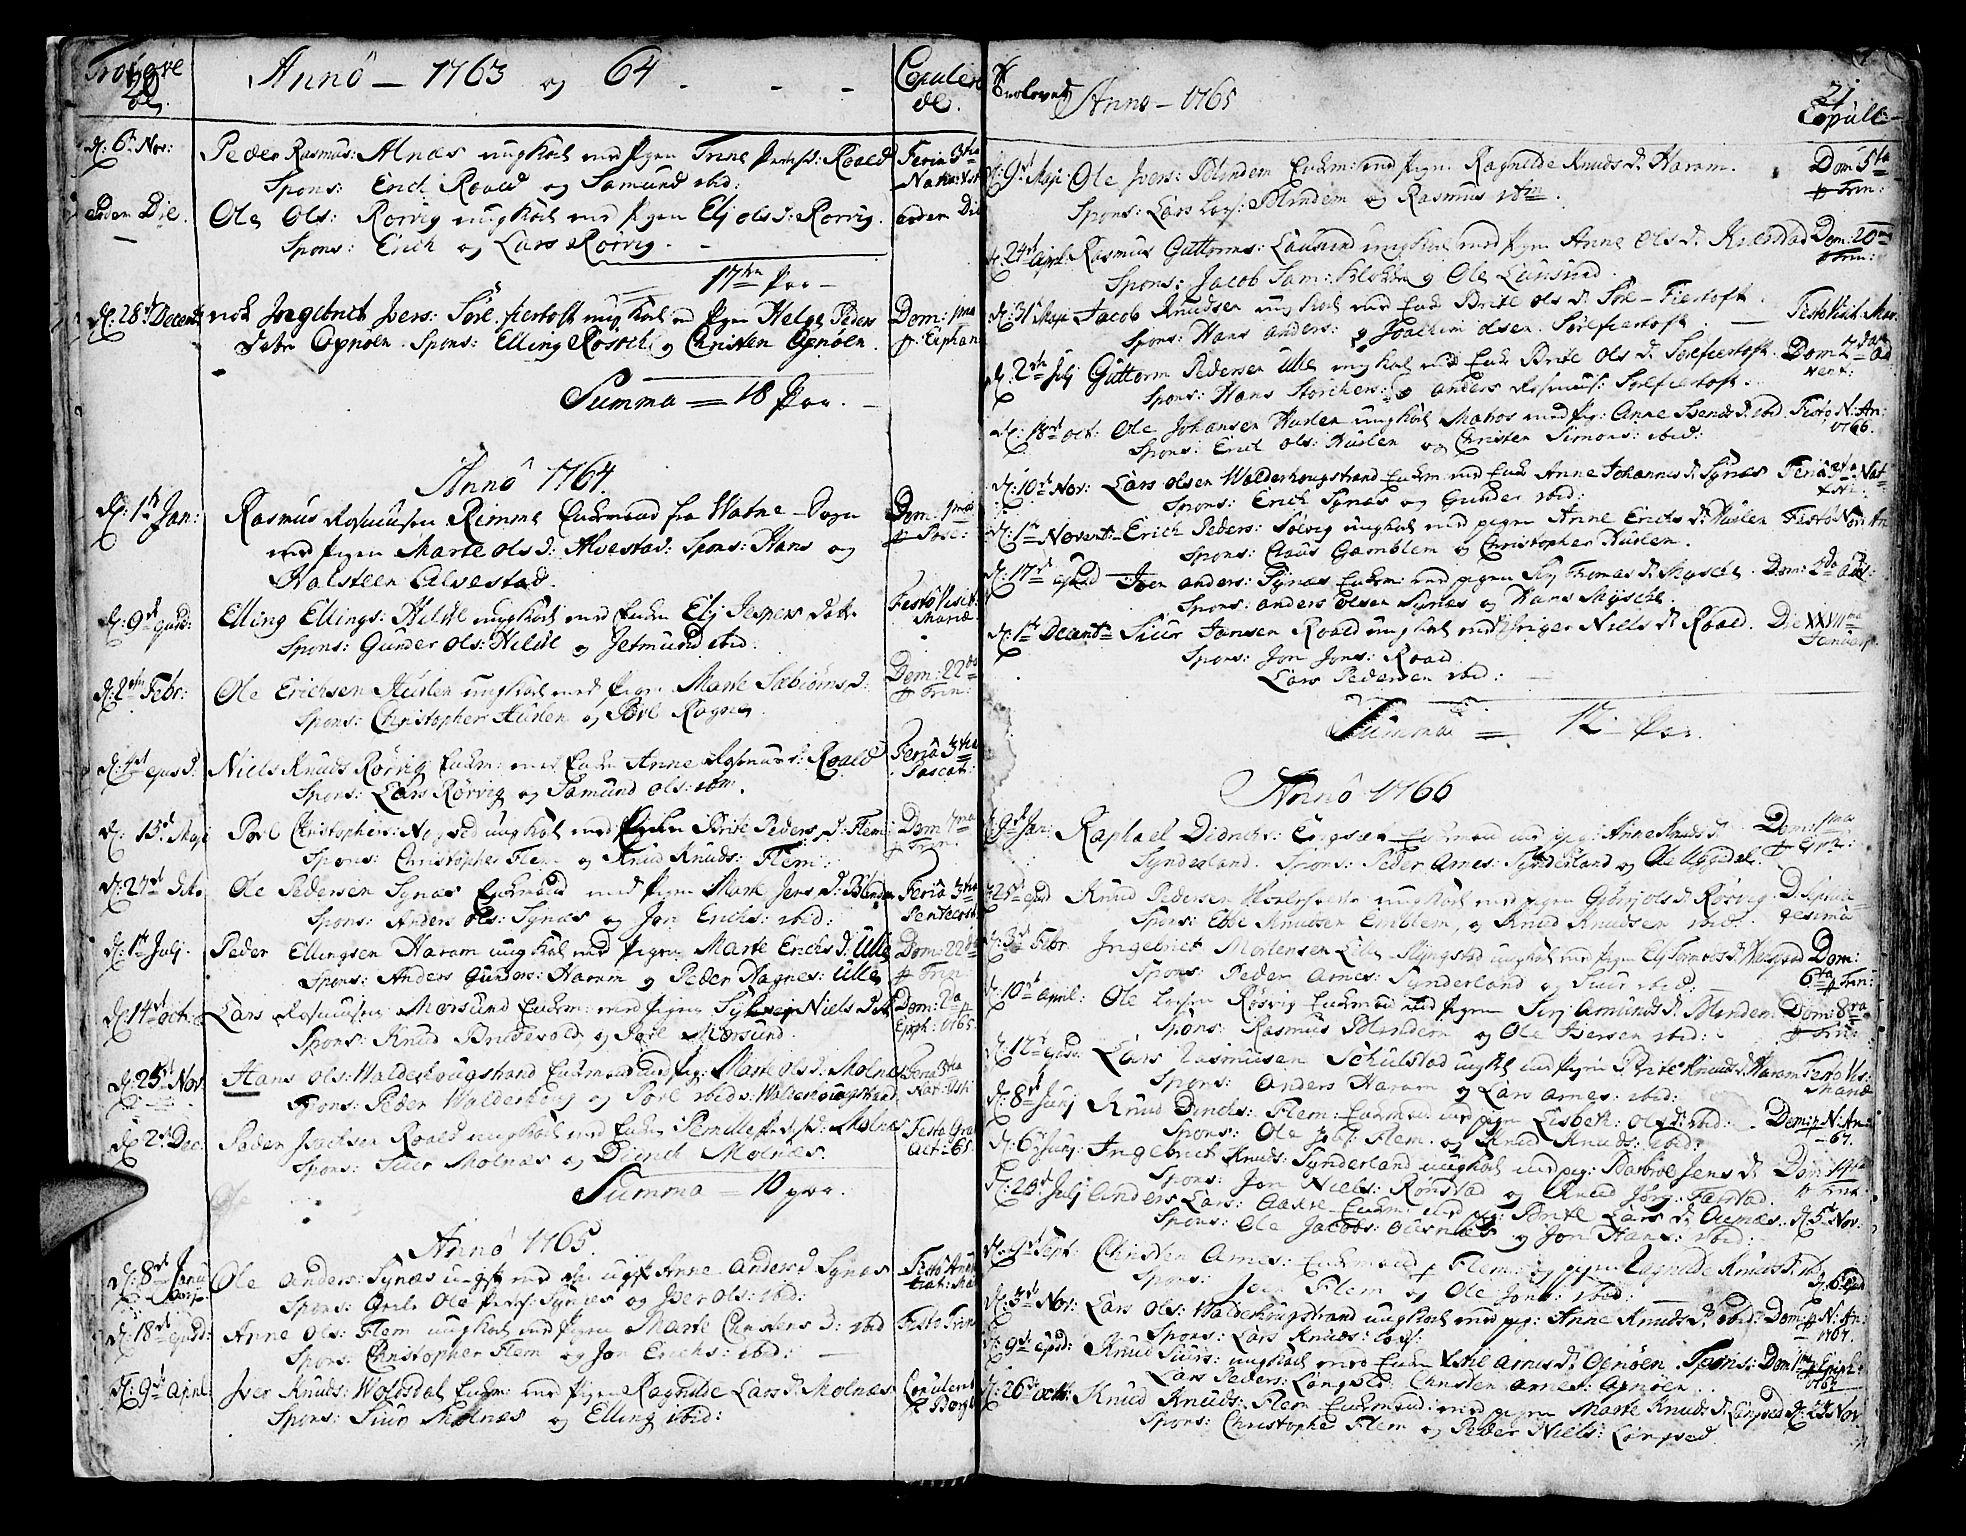 SAT, Ministerialprotokoller, klokkerbøker og fødselsregistre - Møre og Romsdal, 536/L0493: Ministerialbok nr. 536A02, 1739-1802, s. 20-21